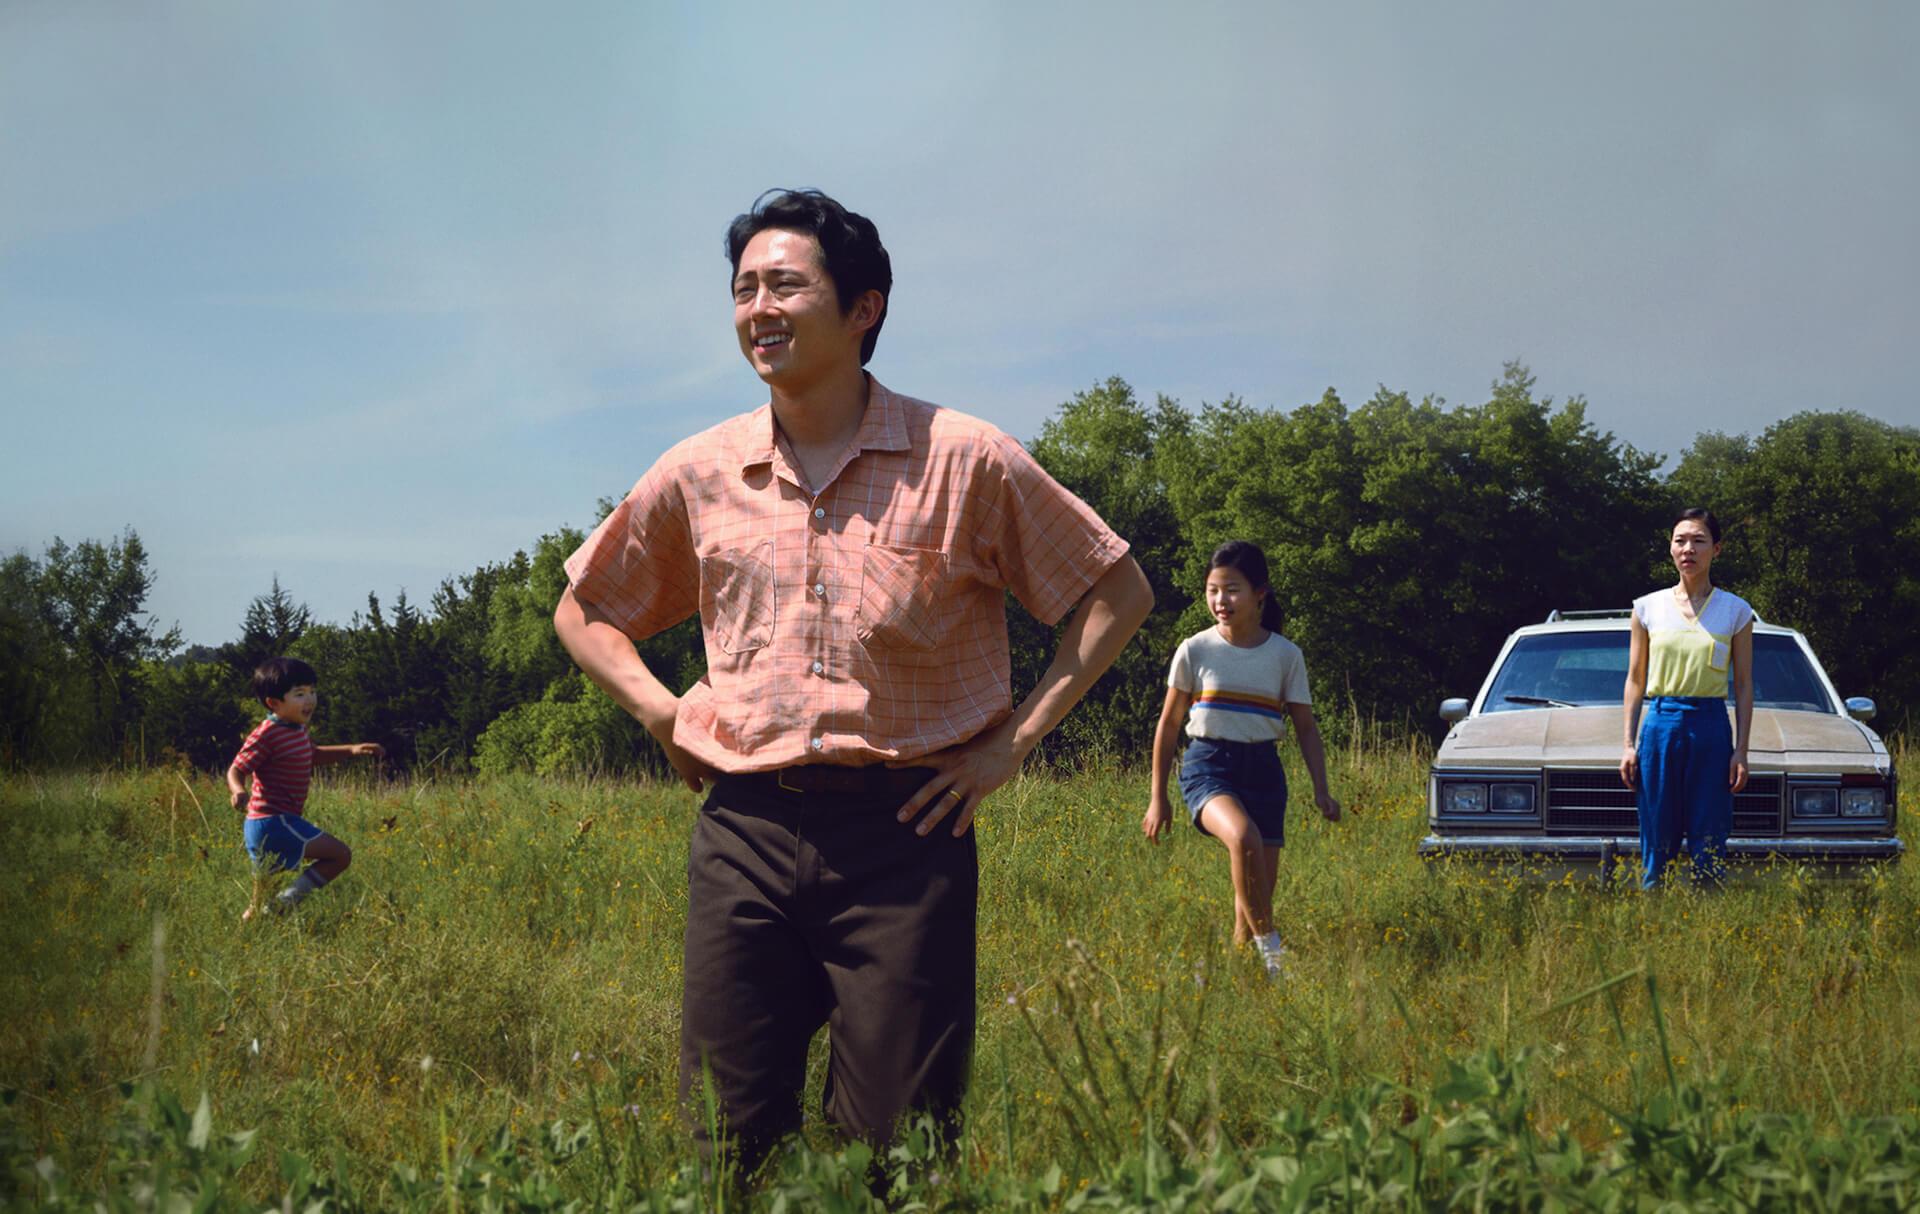 『パラサイト』に続く快挙なるか!?A24×PLAN Bの映画『ミナリ』がアカデミー前哨戦・GG外国語映画賞受賞 film210301_minari_5